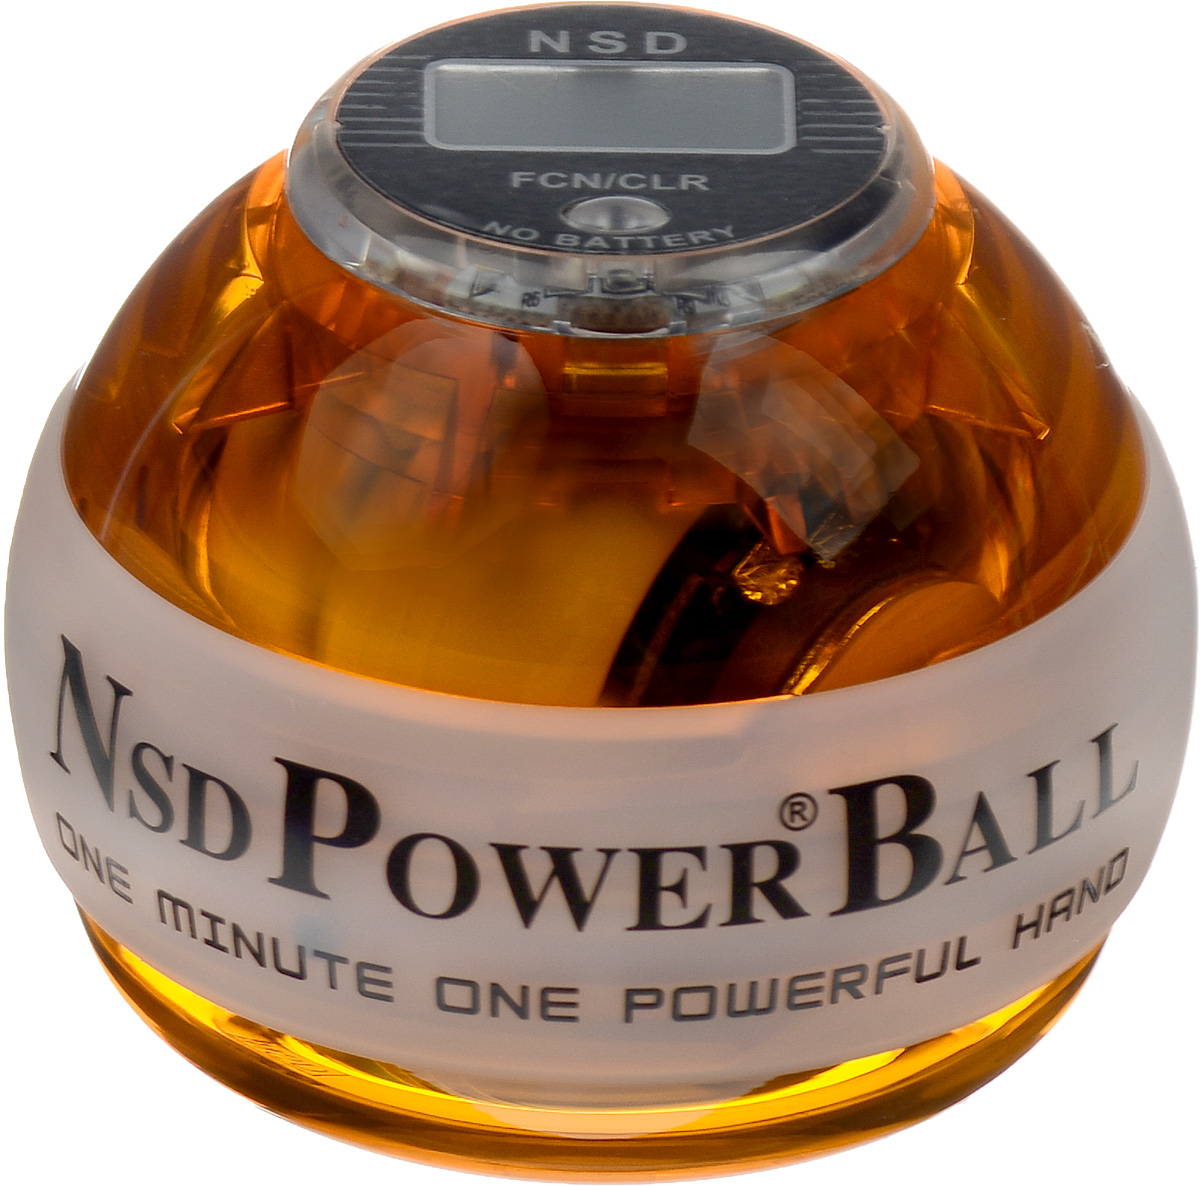 Тренажер кистевой NSD Power Powerball Neon Pro, цвет: оранжевыйSF 0085Кистевой тренажер NSD Power Powerball Neon Pro - новая модель cсчетчиком и подсветкой. Тренажер изготовлен из более прочногоматериала с системой защиты ротора, предотвращающей егоповреждение при падении шара на твердую поверхность. Он будетслужить вам очень долгое время. Также в эту модель внедрена система сменных колец для быстрогоремонта при повреждении. Новый счетчик со встроеннымгенератором работает без батареек. Прекрасно отрегулированныйротор тренажера с отличным балансом может достигать скоростивращения до 15000 оборотов в минуту. В комплект входят инструкция по использованию и два шнурка дляраскрутки.Стильный тренажер для кисти рук, который можно использовать влюбую свободную минуту. Упражнения, проделываемые регулярно,обеспечат отличную тренировку рук, разработку кисти после травмыу спортсменов и не только. Размер тренажера: 7 х 8 см.